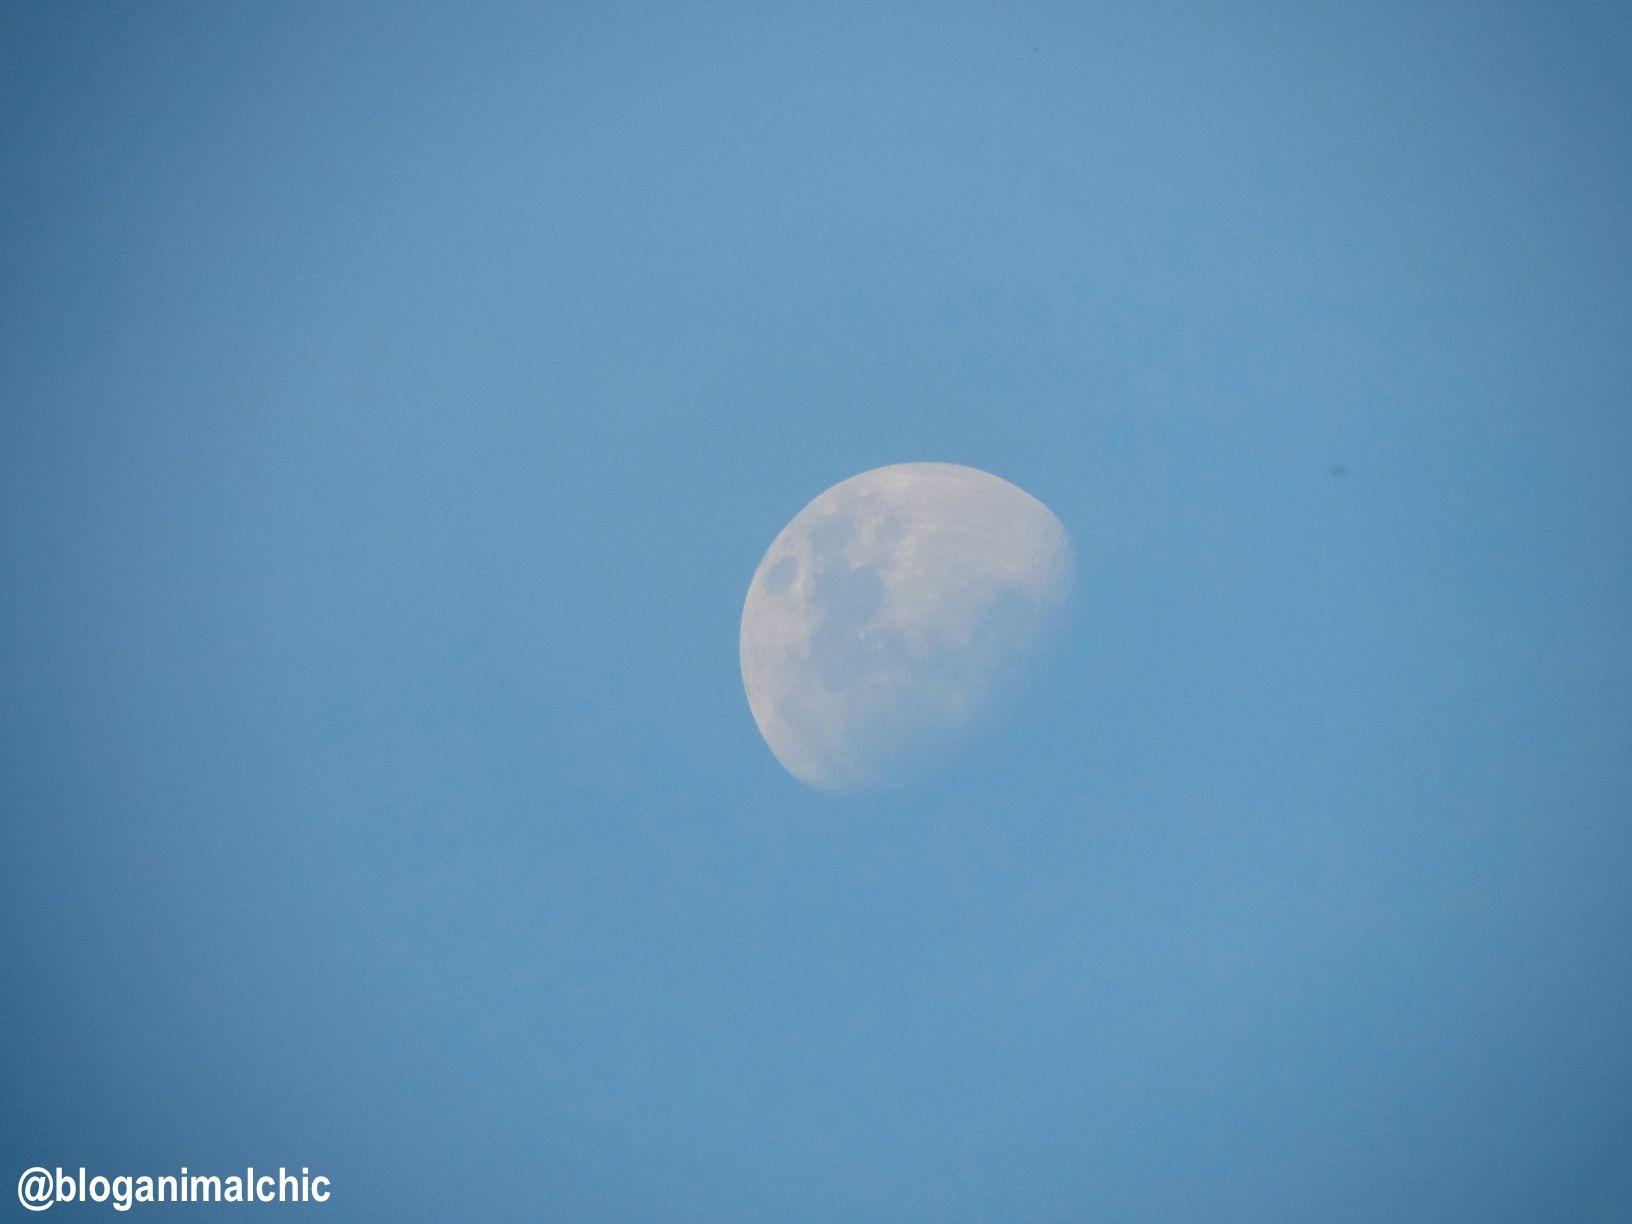 Lua em Inhotim, Brumadinho/MG em Abril/14.